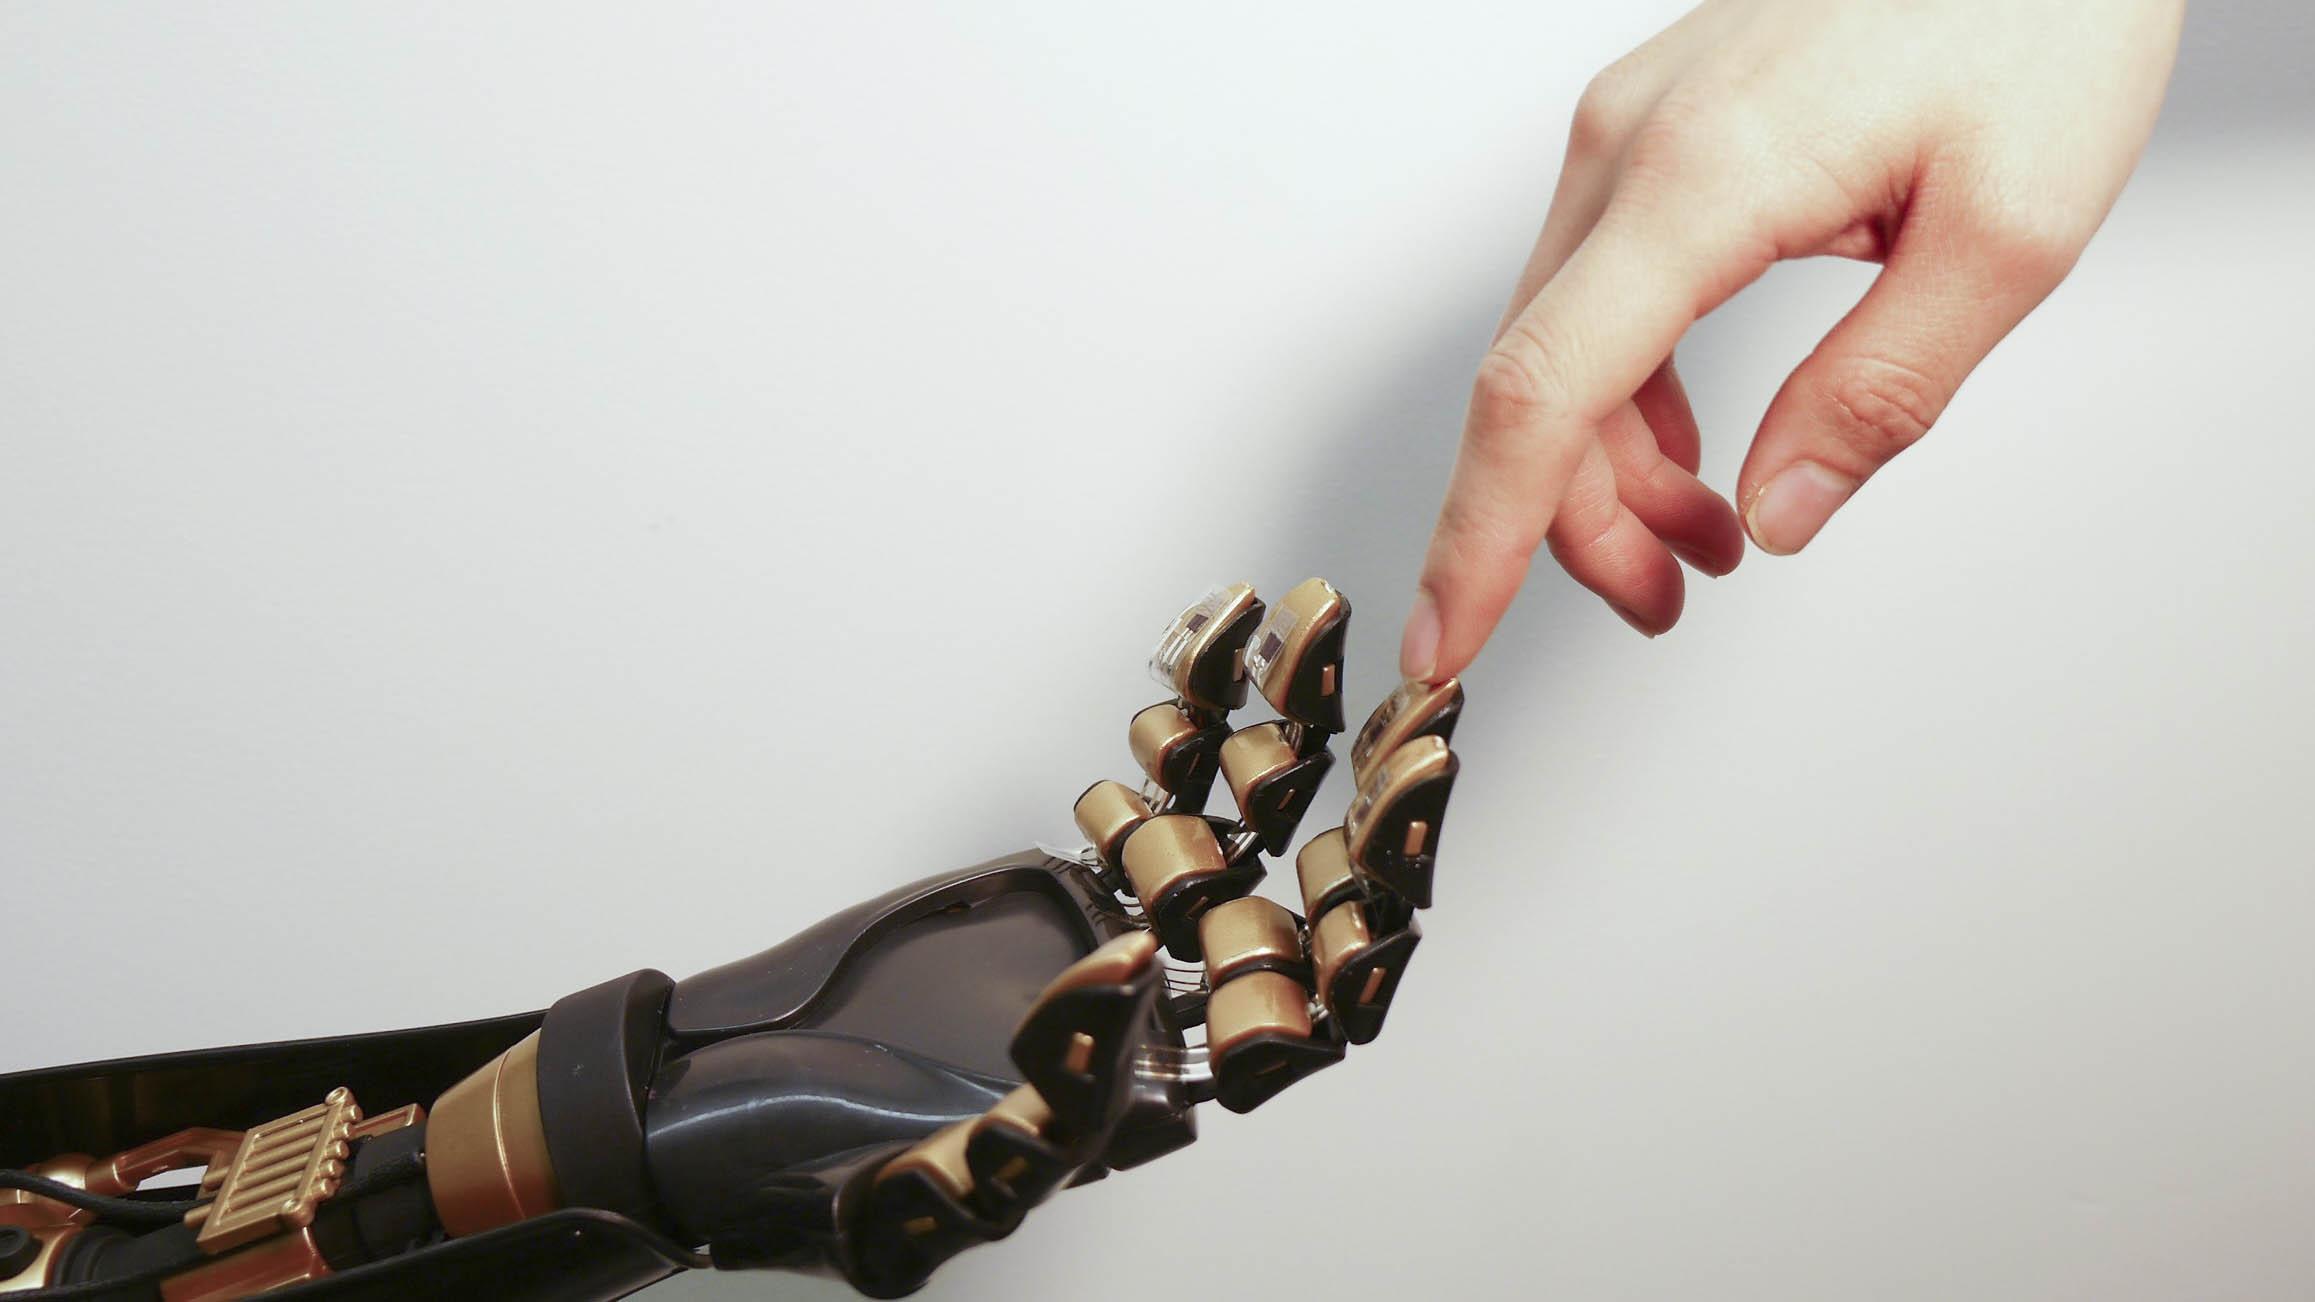 La investigación busca expandirse hasta que la persona pueda tener dominio total de la prótesis e incluso manejar ambas extremidades